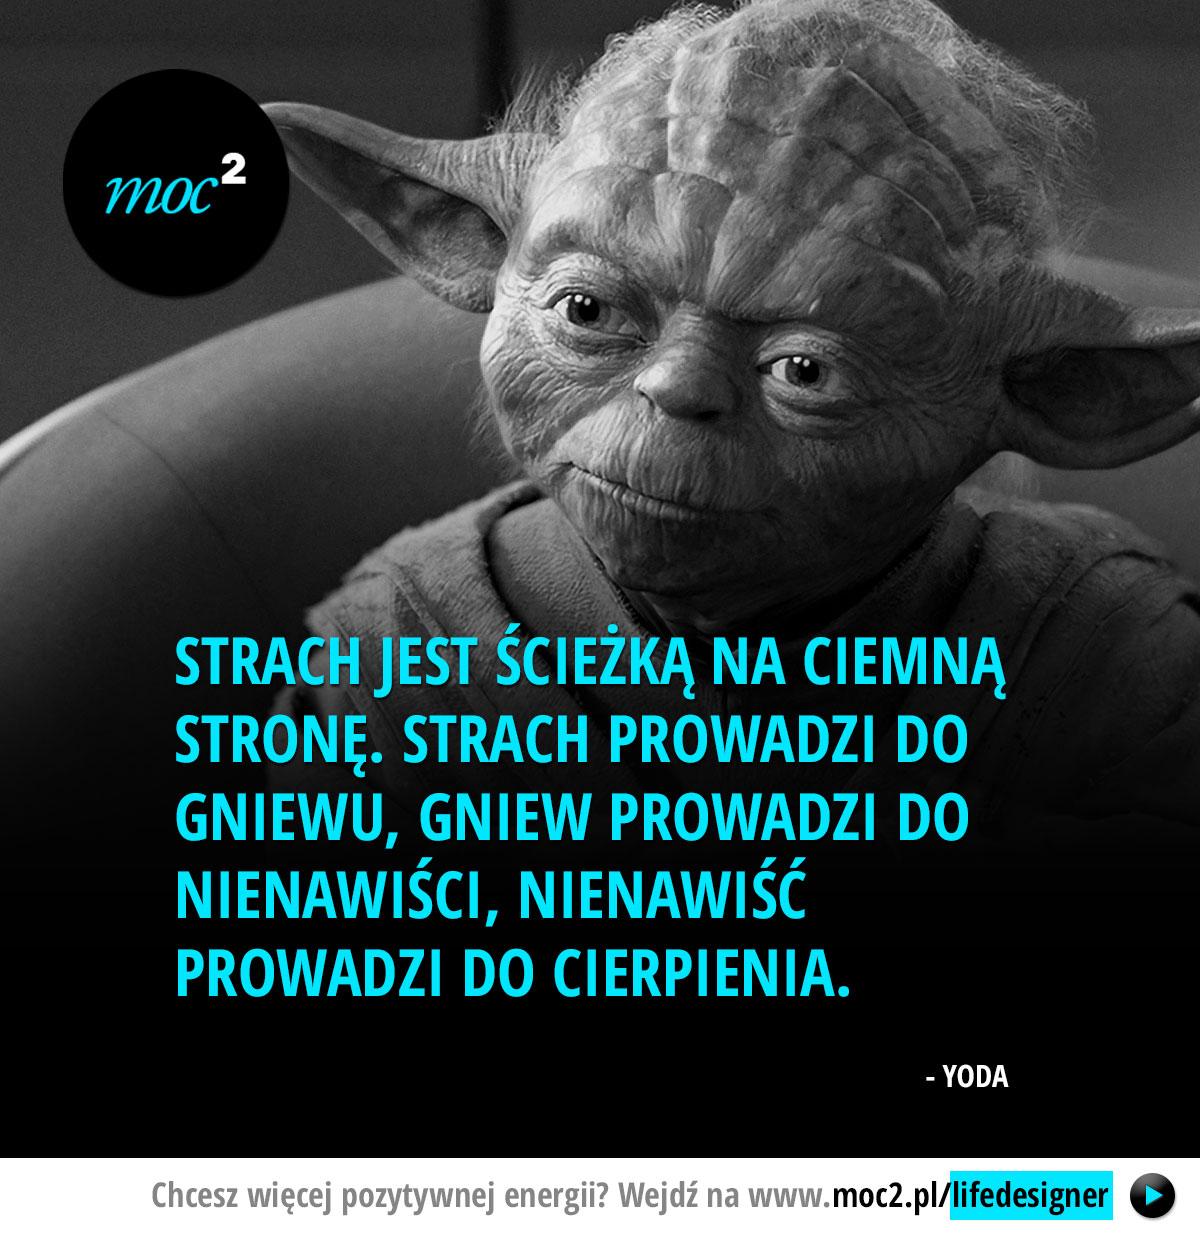 Strach jest ścieżką na ciemną stronę. Strach prowadzi do gniewu, gniew prowadzi do nienawiści, nienawiść prowadzi do cierpienia. - Yoda